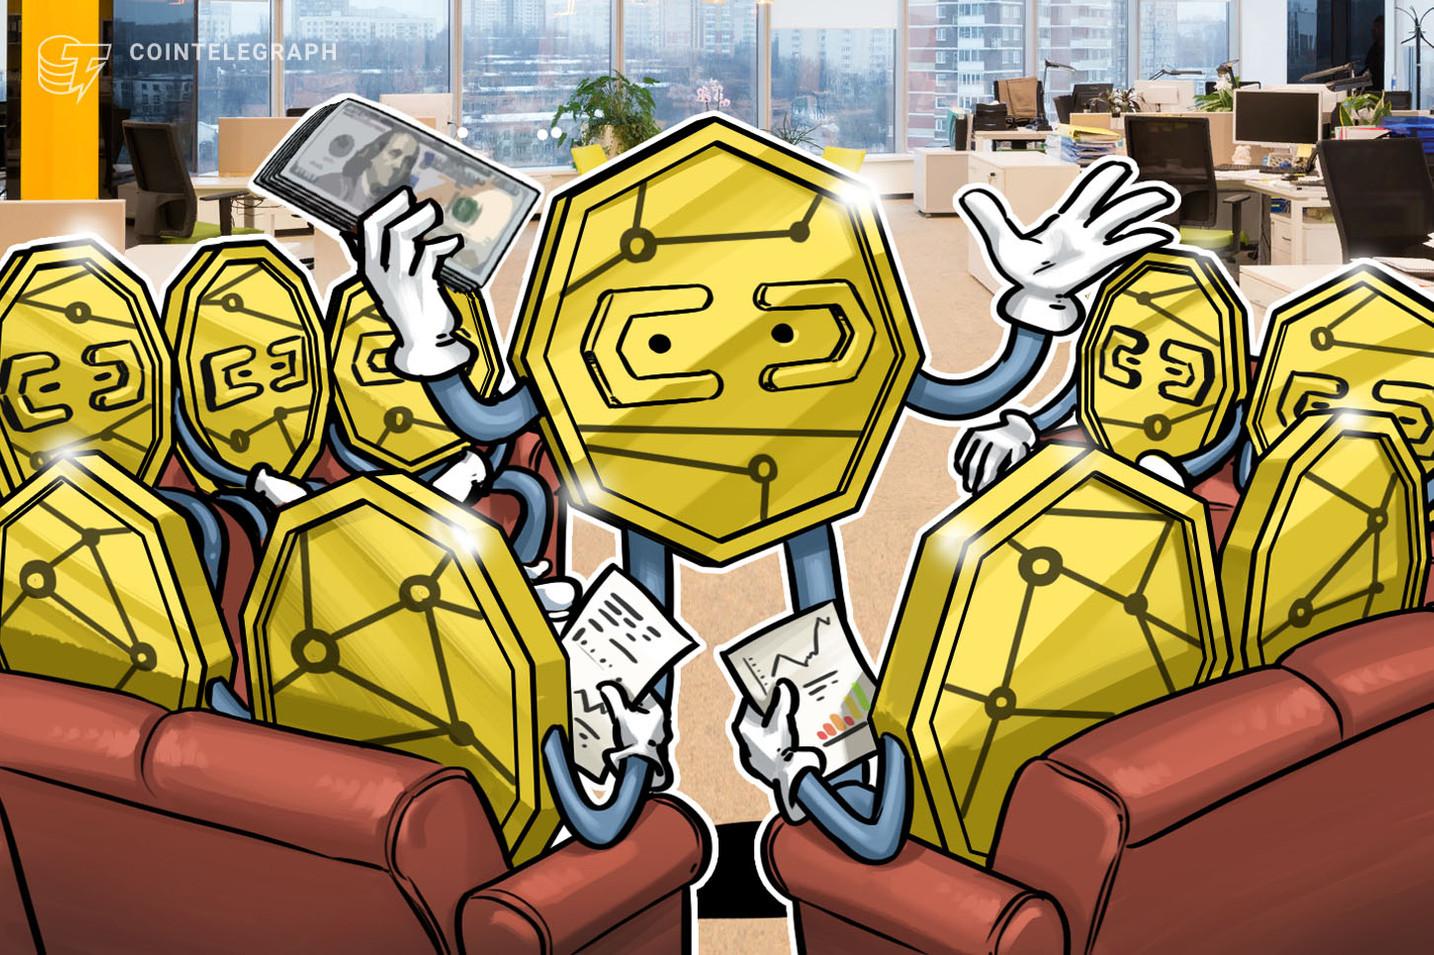 Tras un crecimiento semanal del 700%, un nuevo token ingresa al top 100 de criptomonedas por capitalización de mercado